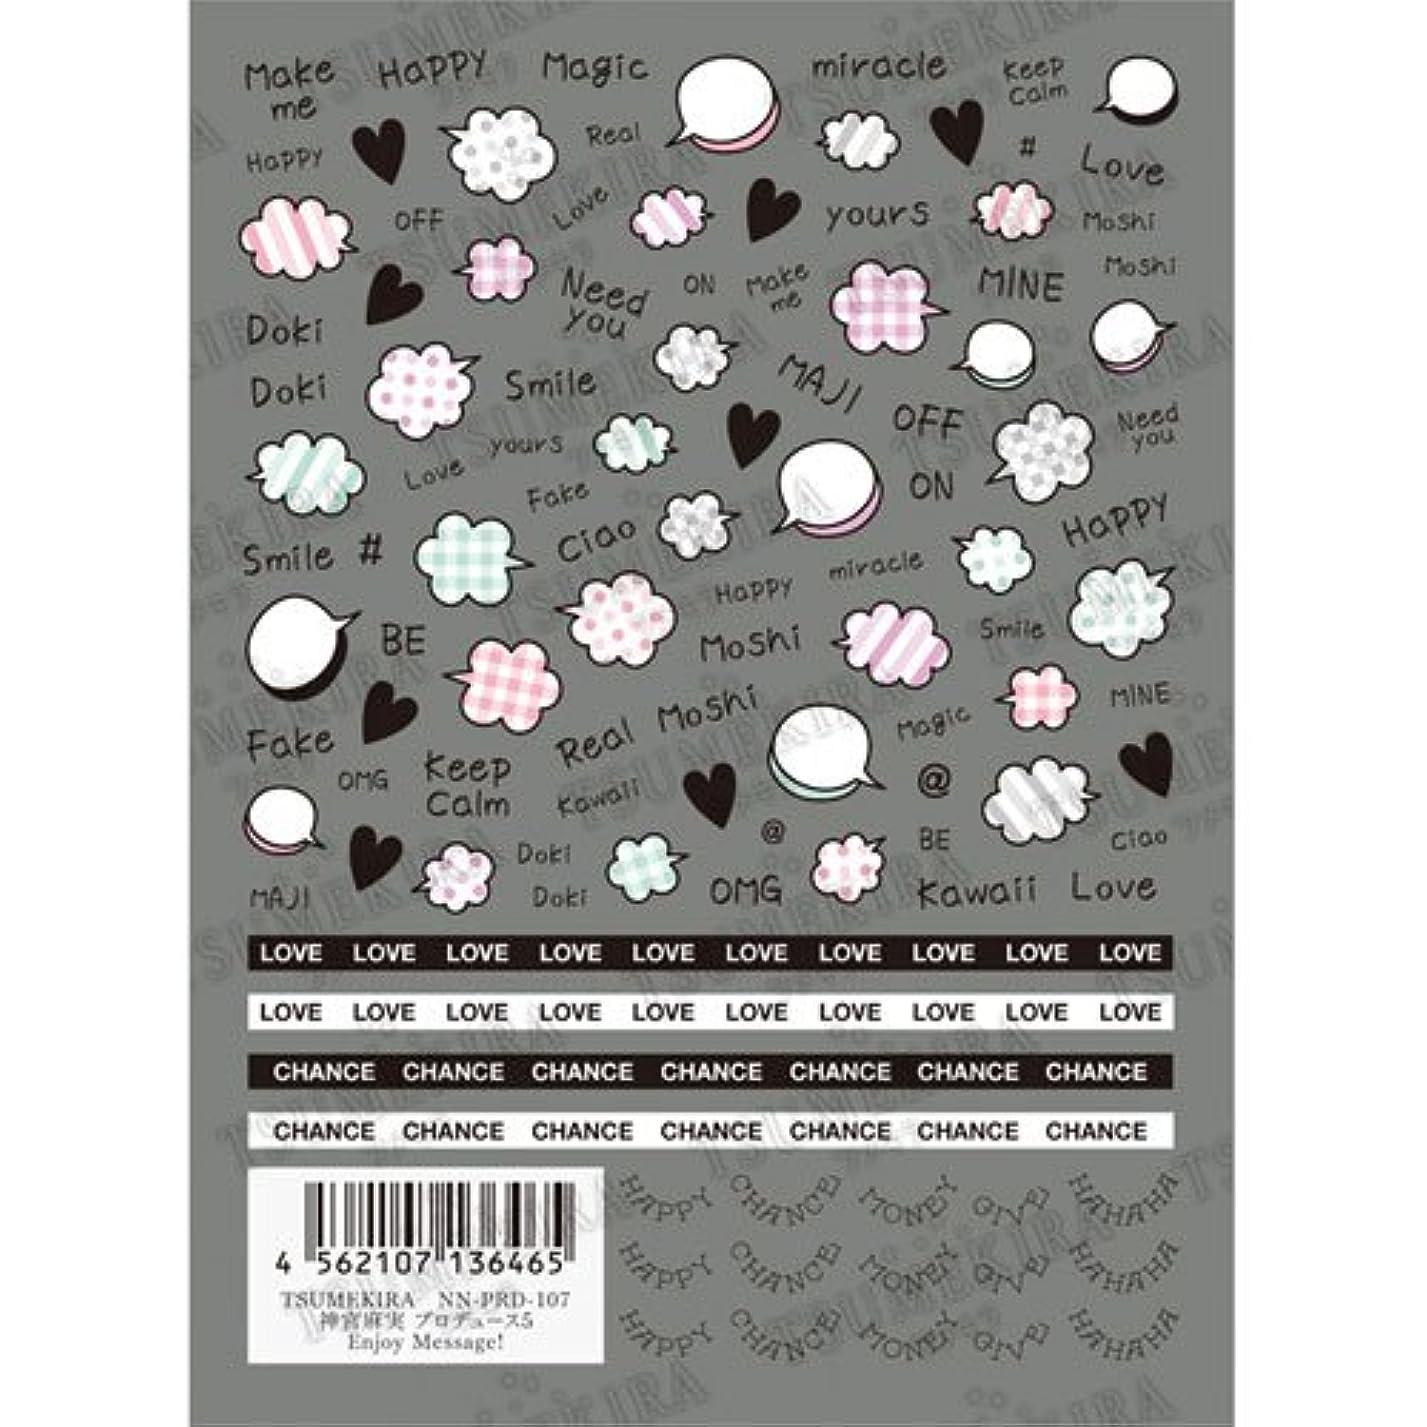 放棄されたメロドラマティック胚芽ツメキラ(TSUMEKIRA) ネイル用シール Enjoy Message NN-PRD-107